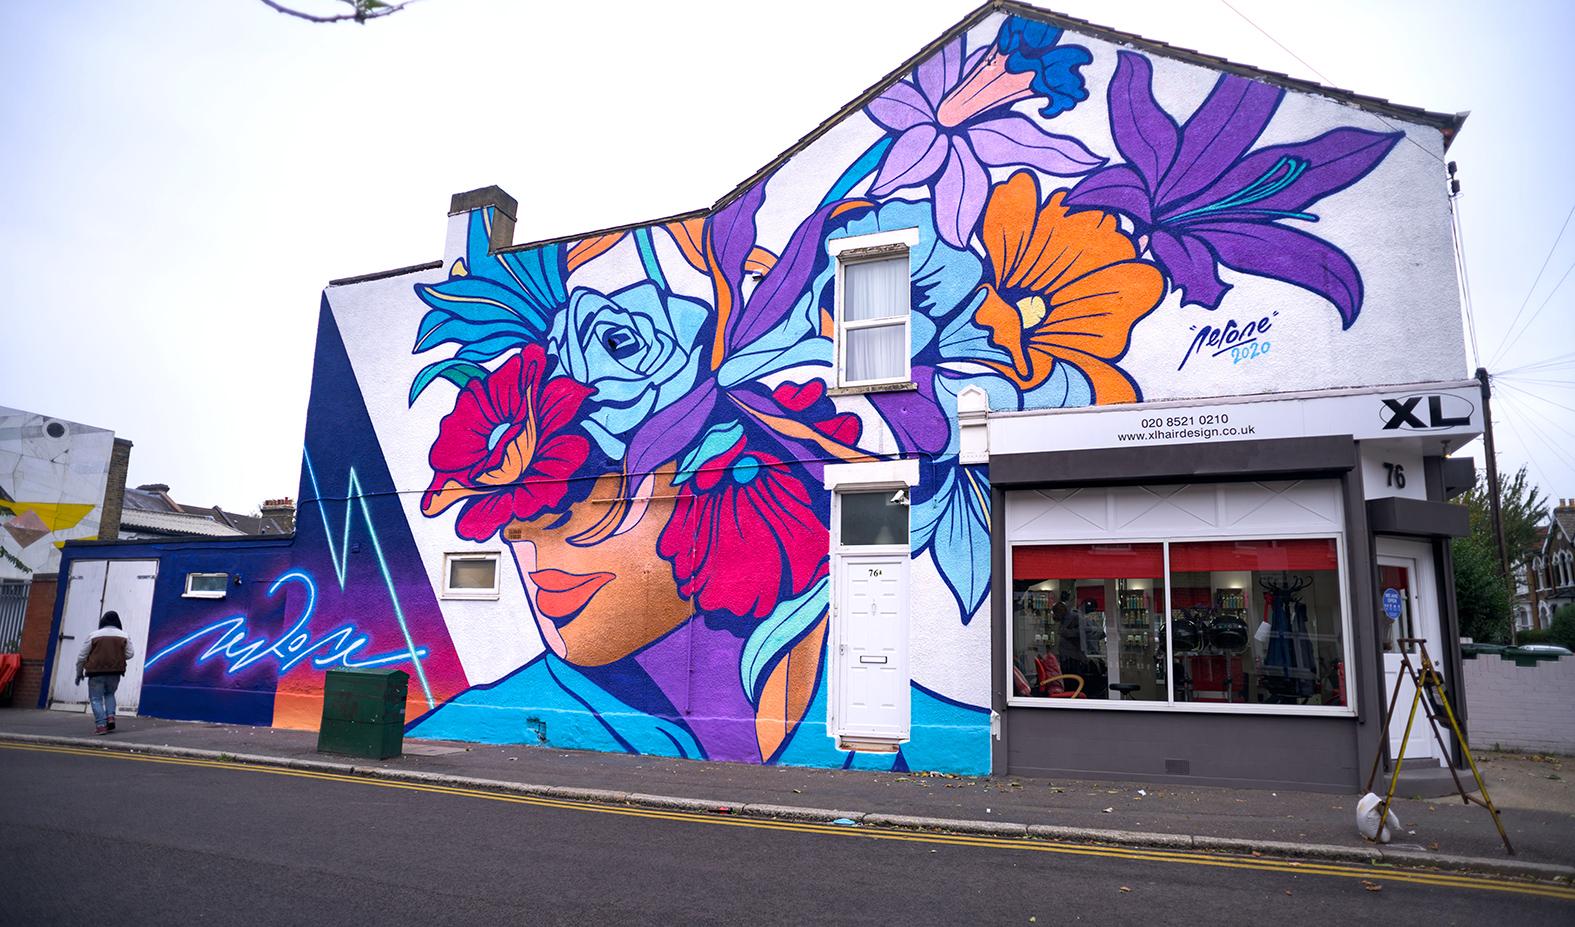 Fresque mural de fleur sur un magasin à Londres